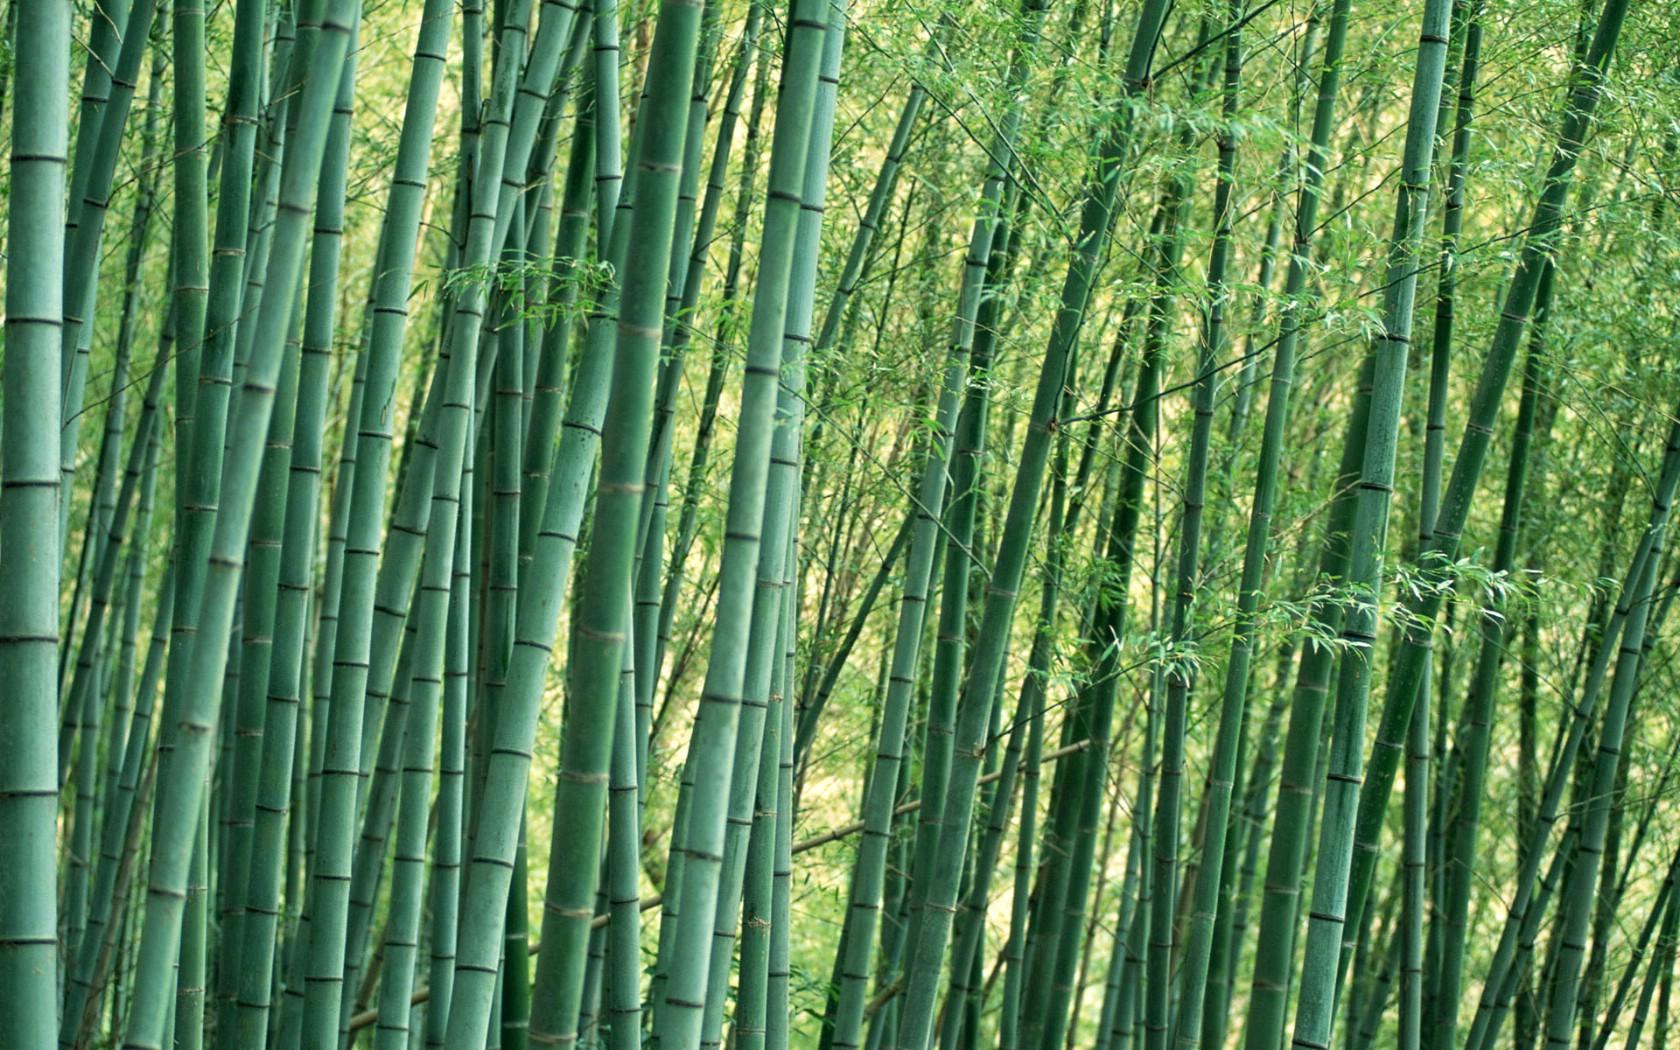 壁纸1680×1050绿色竹情壁纸壁纸 绿色竹情壁纸壁纸图片植物壁纸植物图片素材桌面壁纸